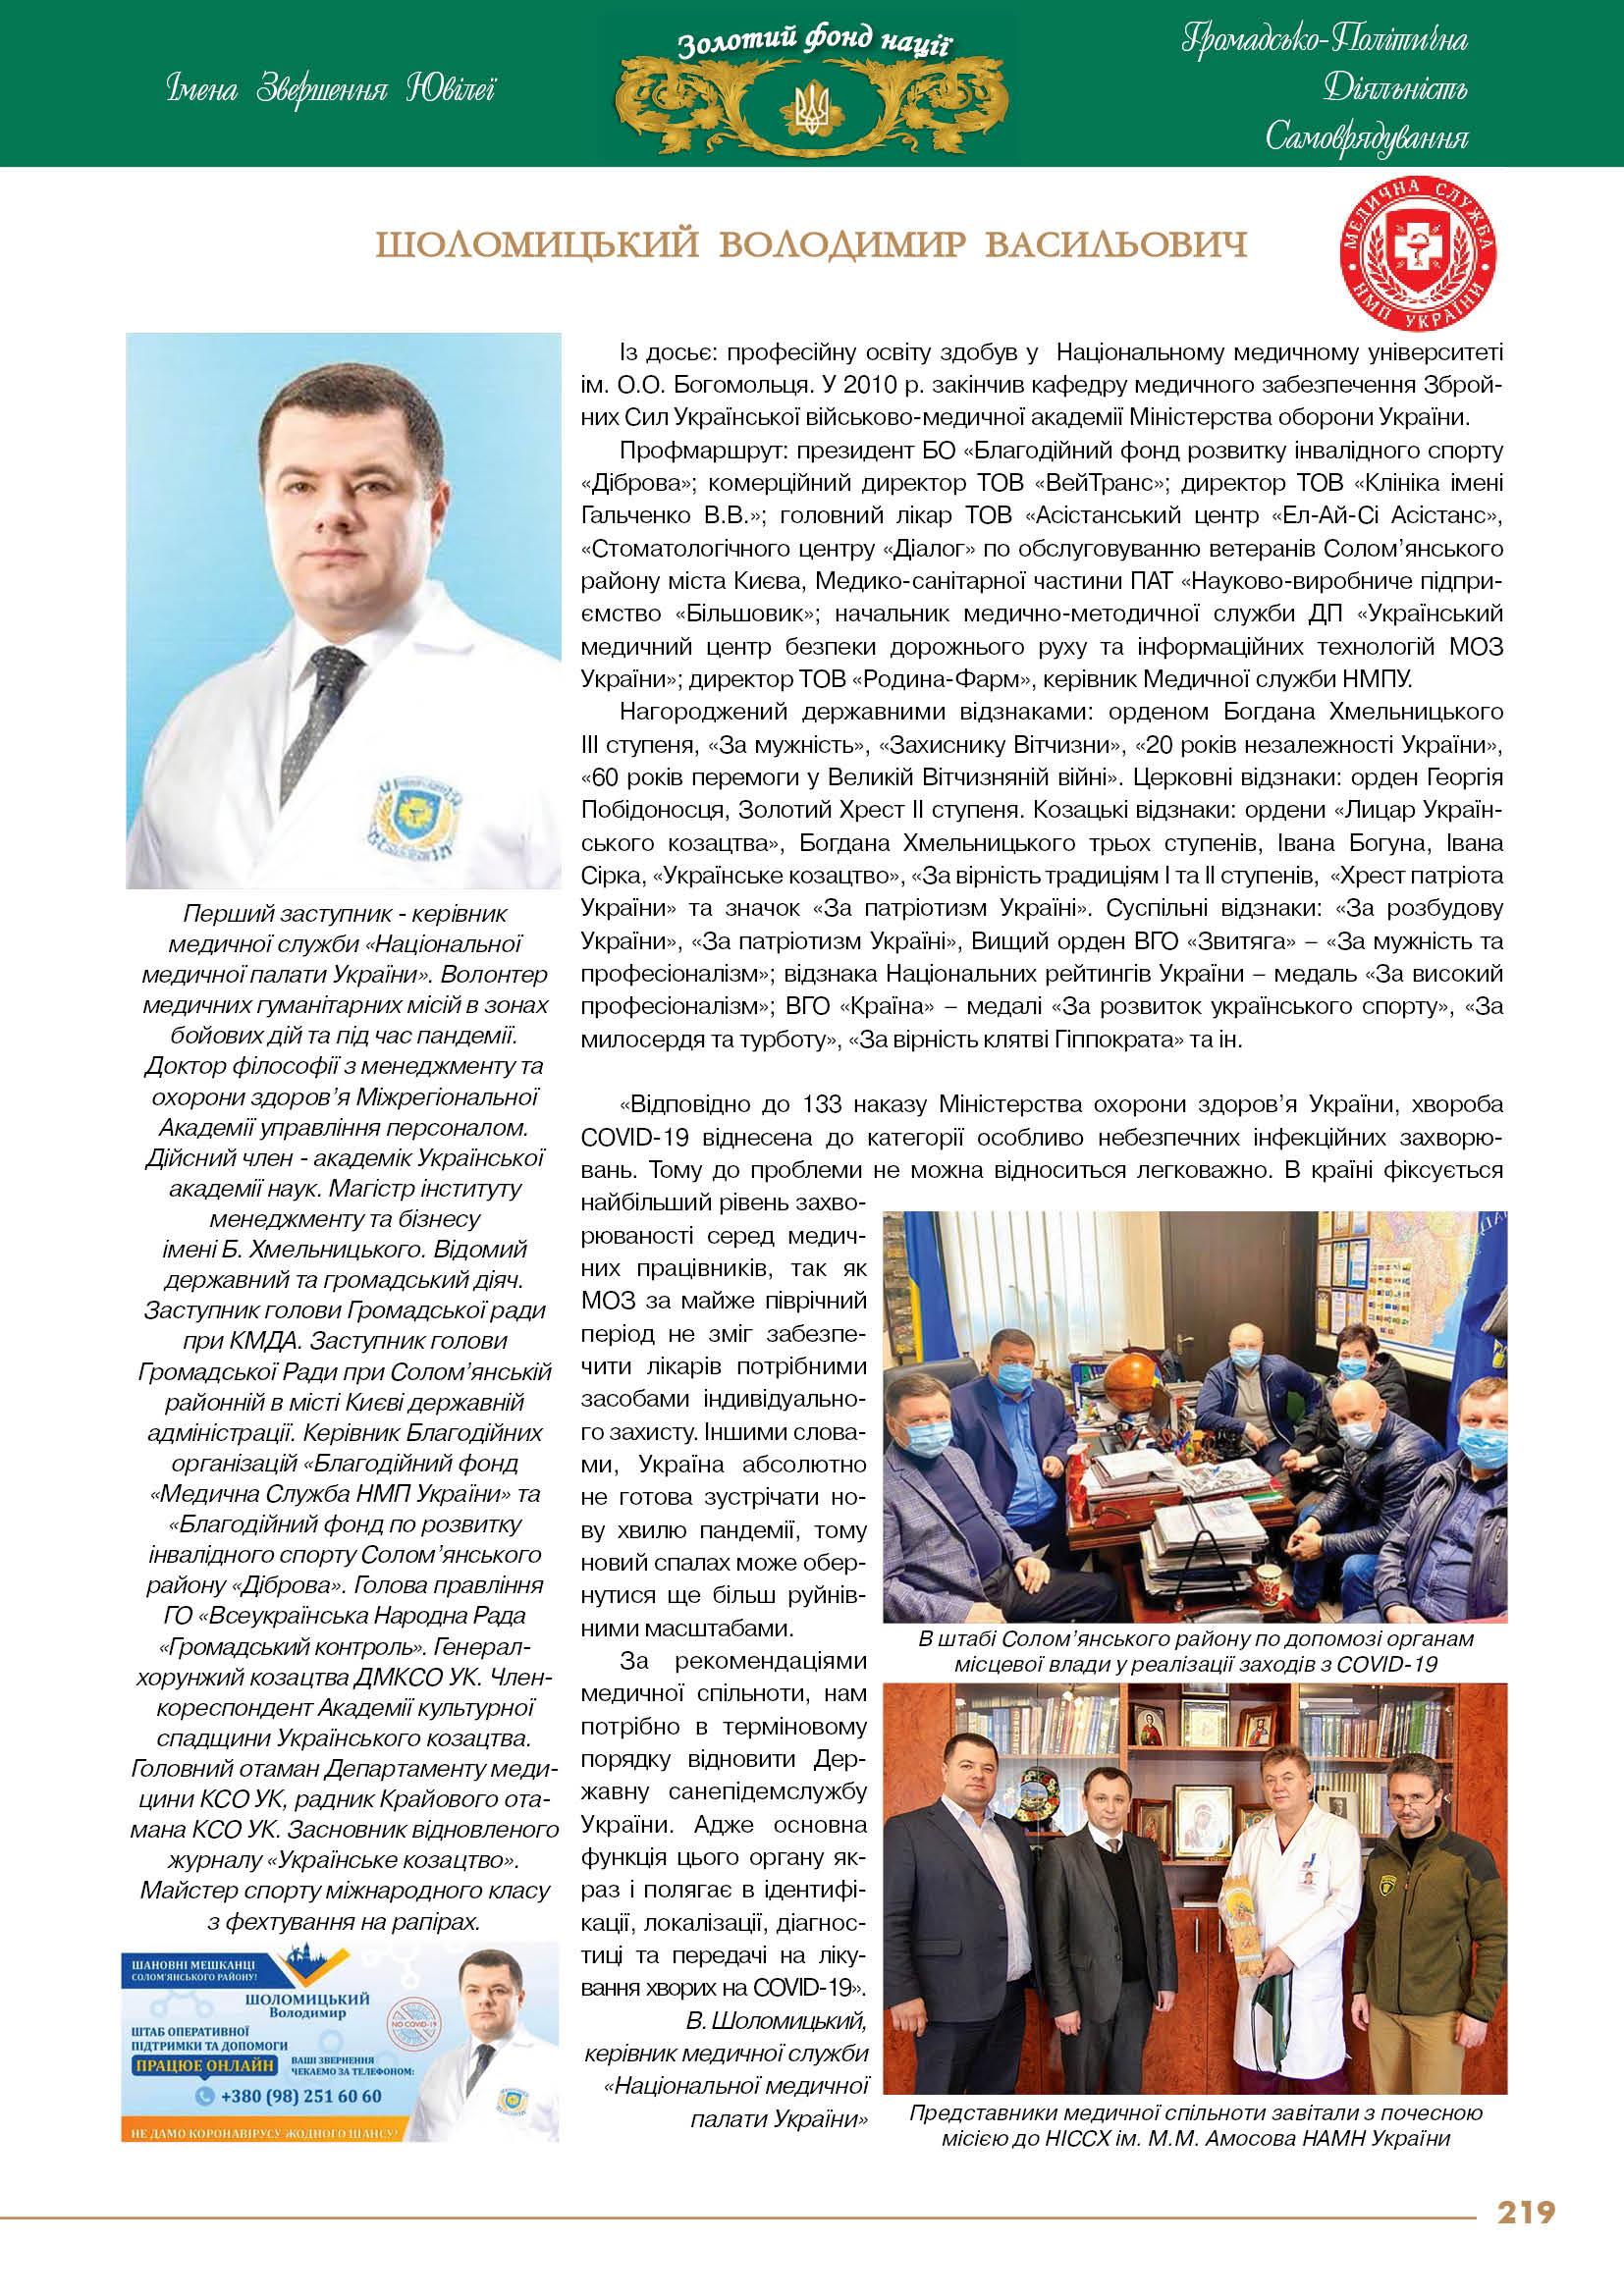 Шоломицький Володимир Васильович